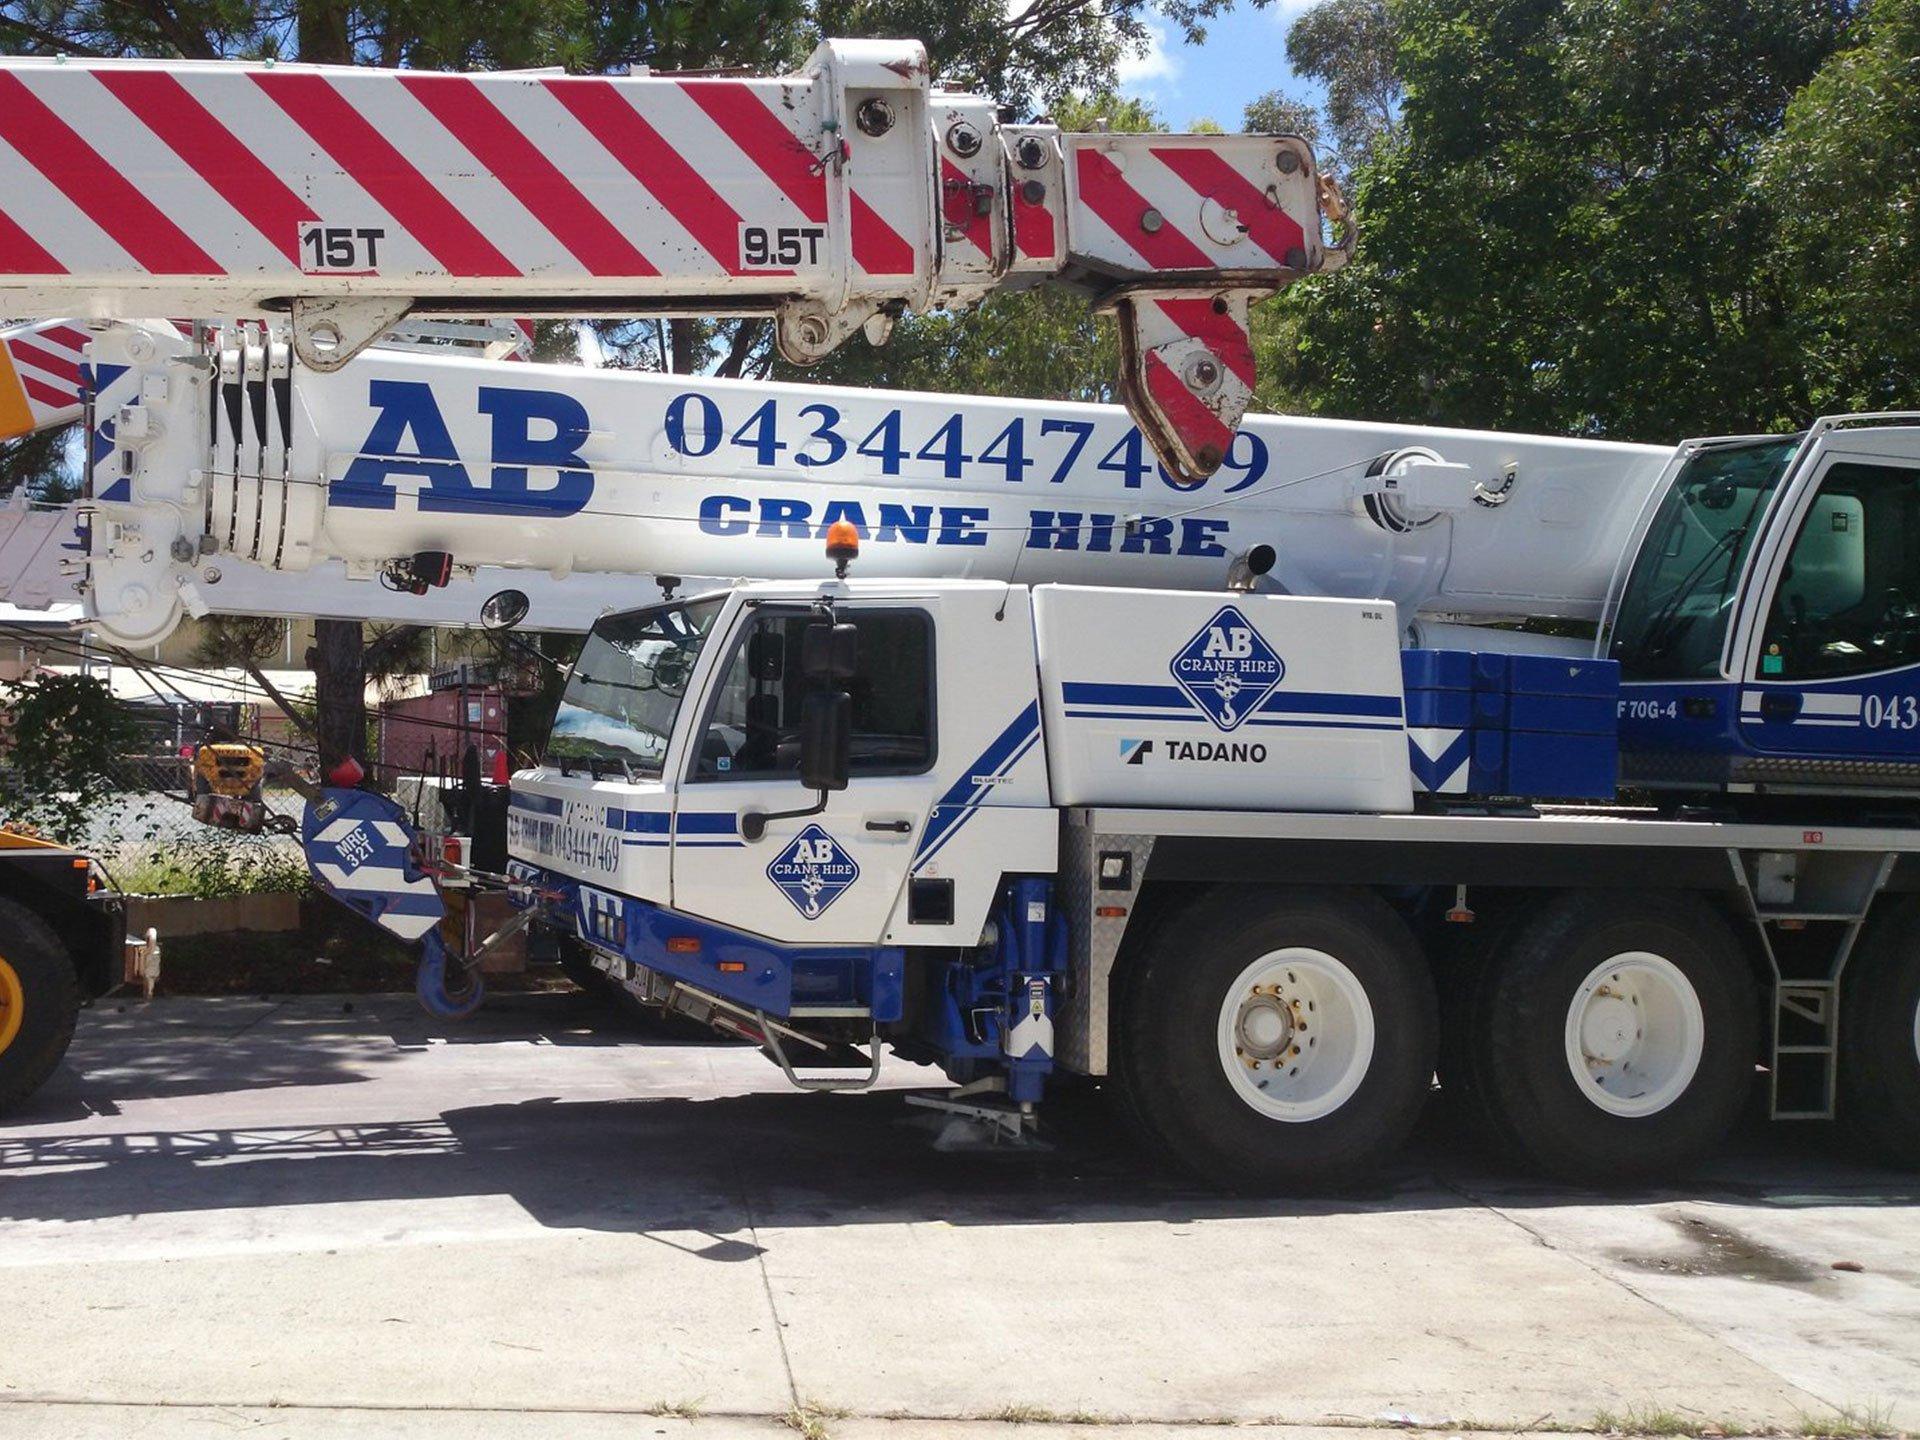 AB Crane Hire Arundel Service